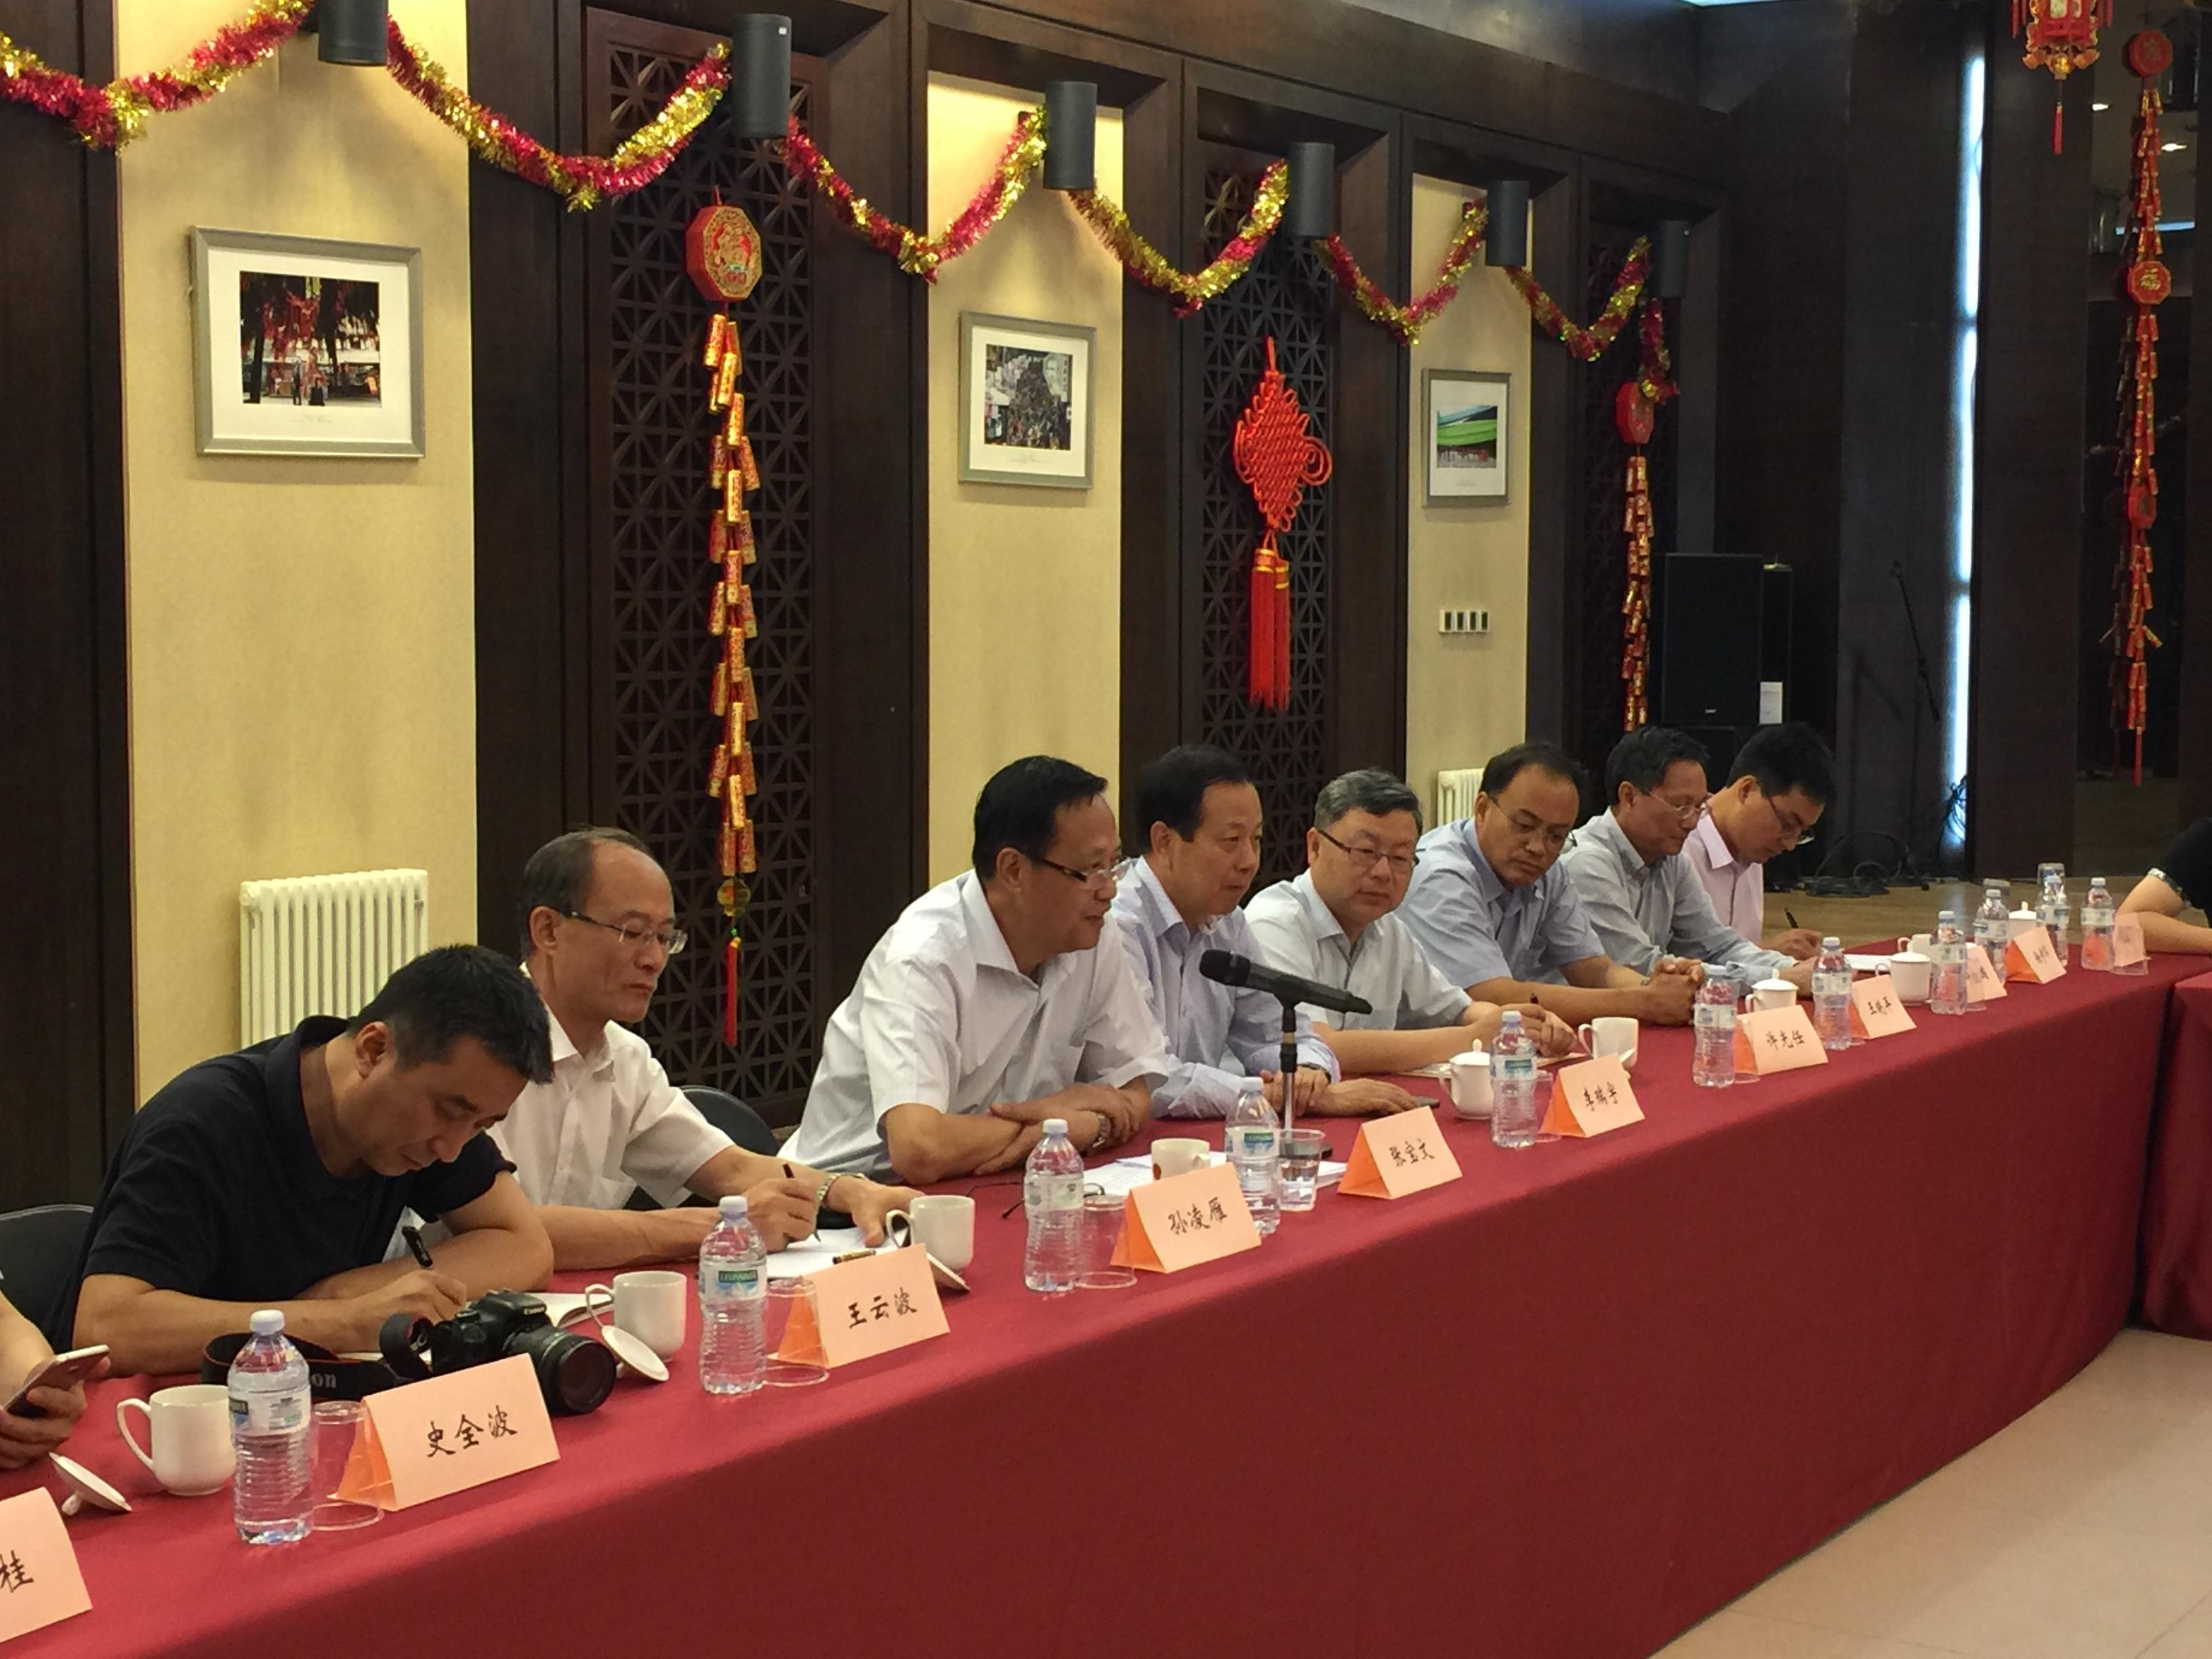 中国统促会副会长张宝文出席罗马侨界座谈会